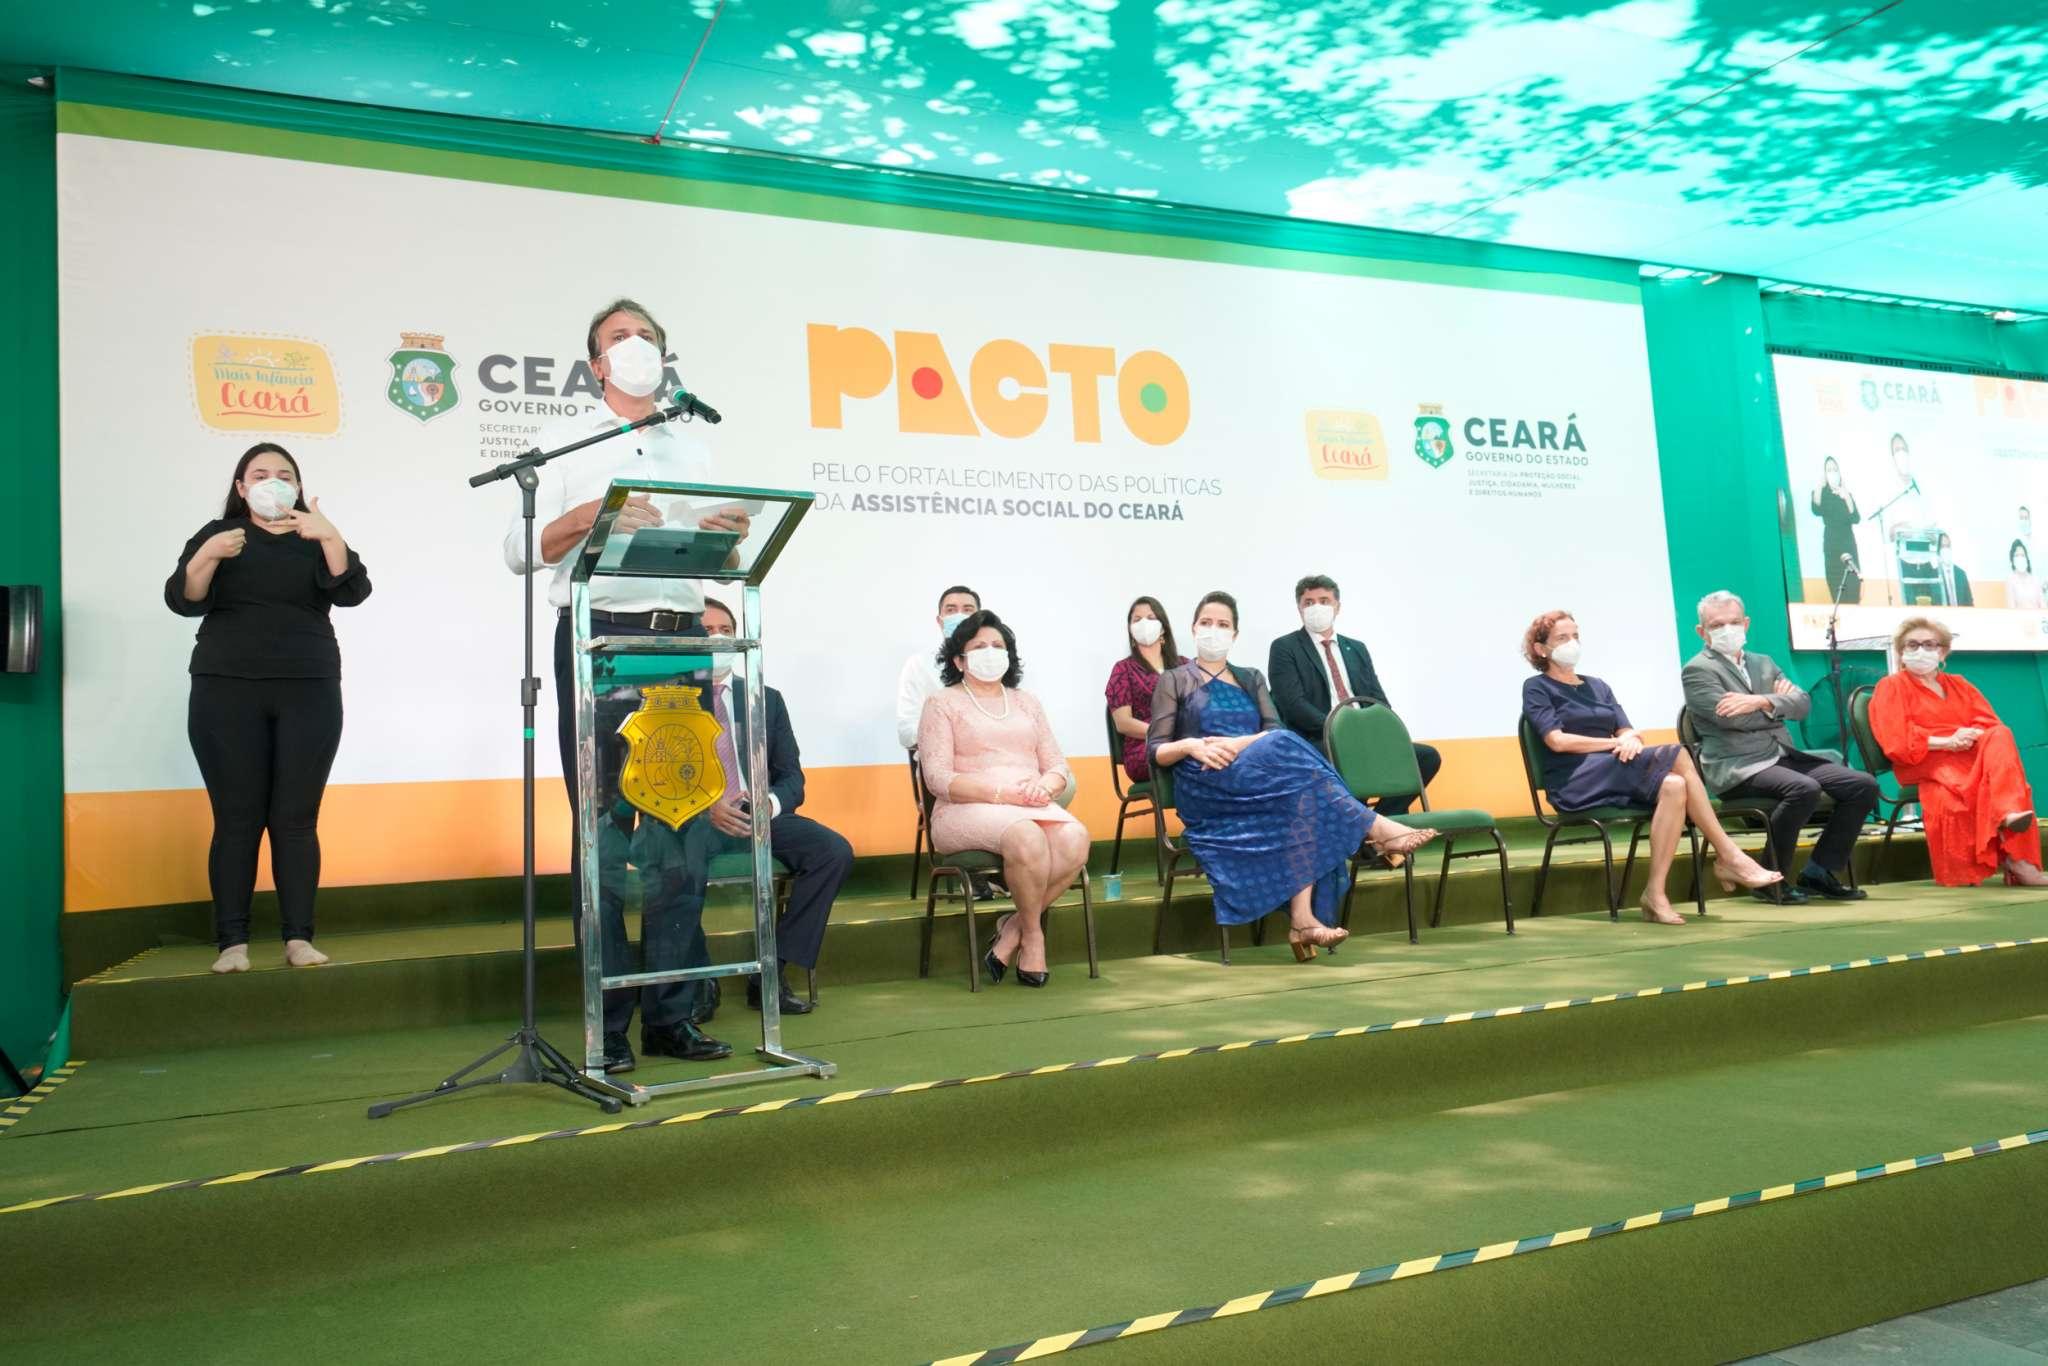 Governo investe mais de R$ 72 milhões em pacto que fortalece políticas da Assistência Social no Ceará